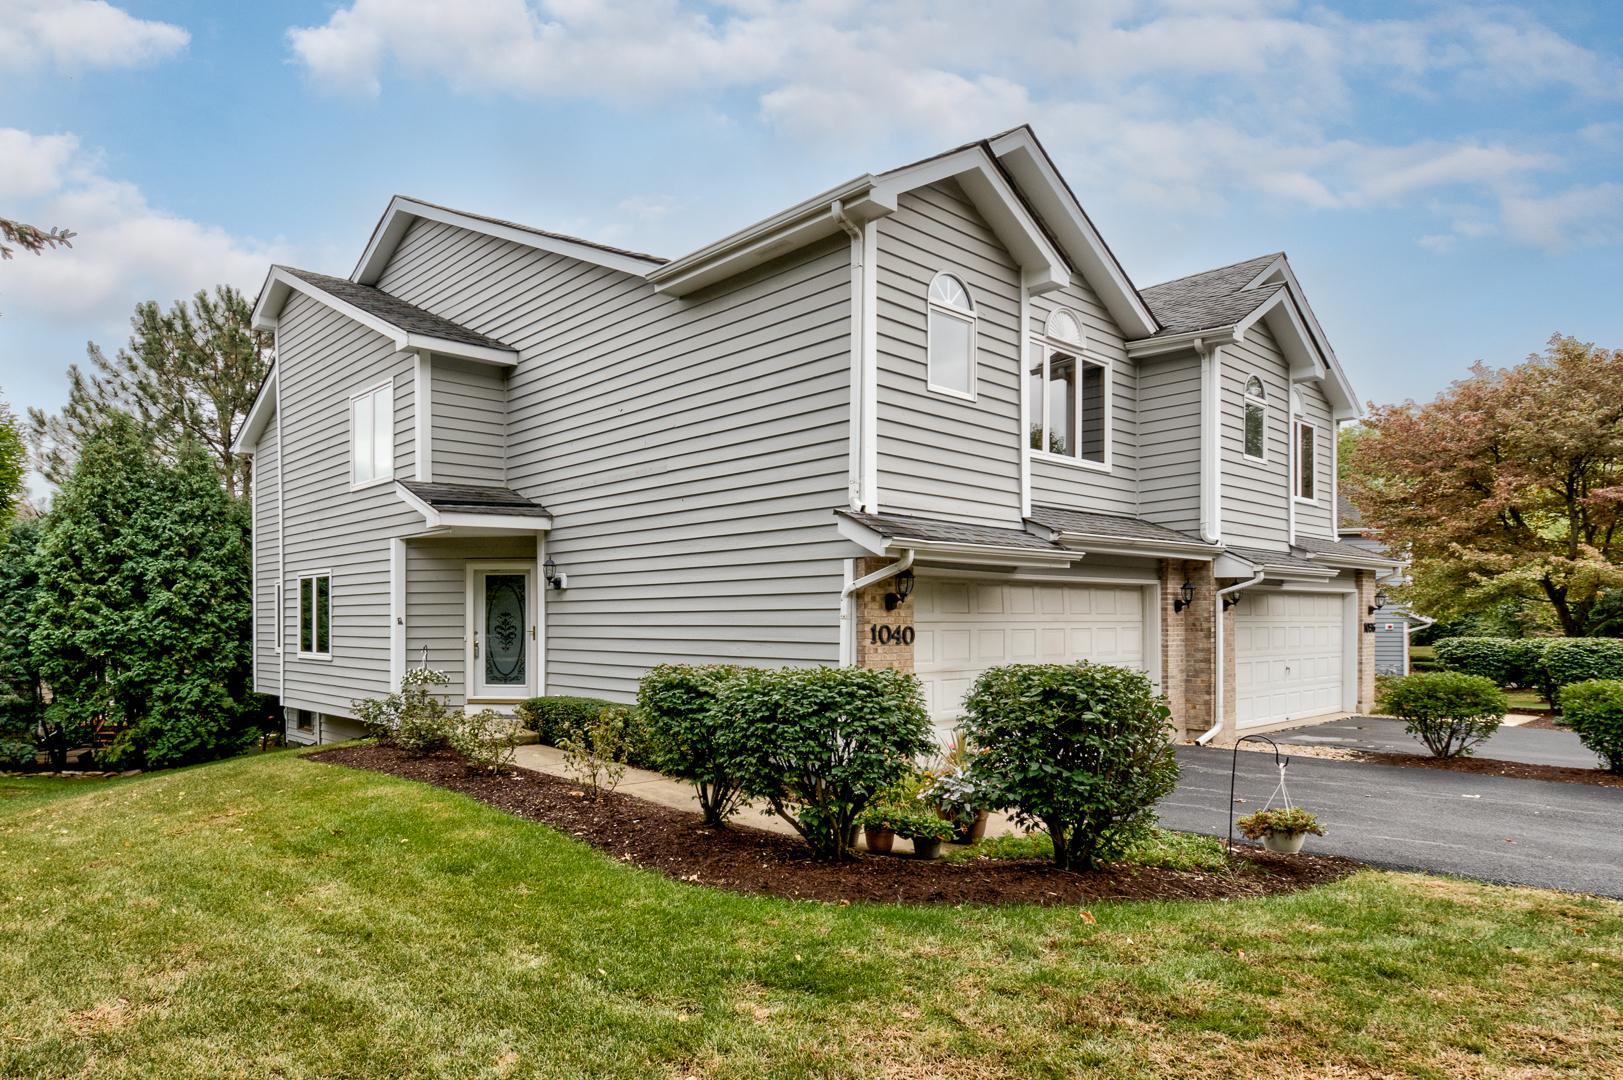 1040 Mattande Lane, Naperville, IL 60540